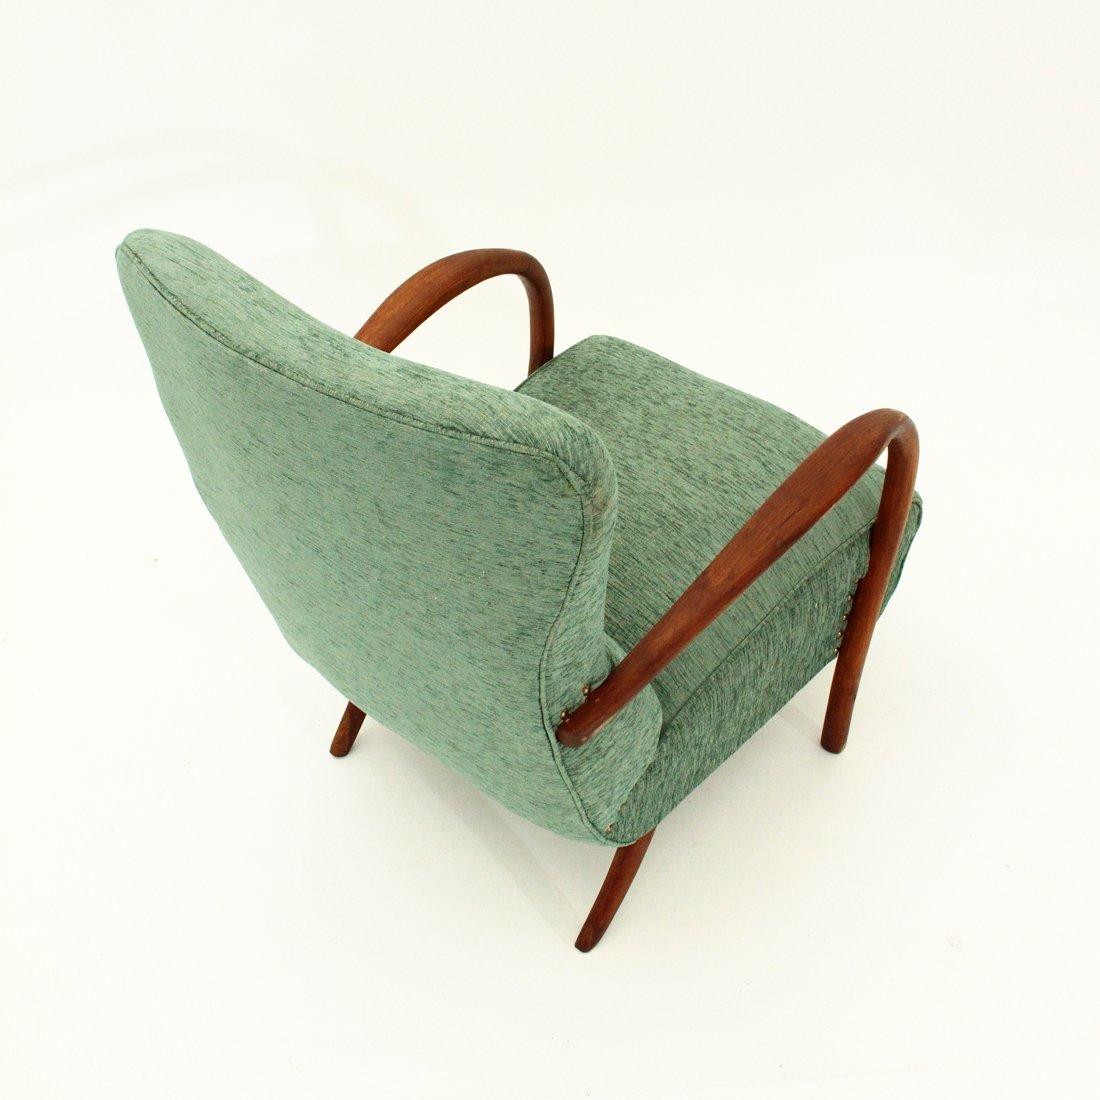 italienischer sessel mit armlehnen aus holz 1940er bei. Black Bedroom Furniture Sets. Home Design Ideas